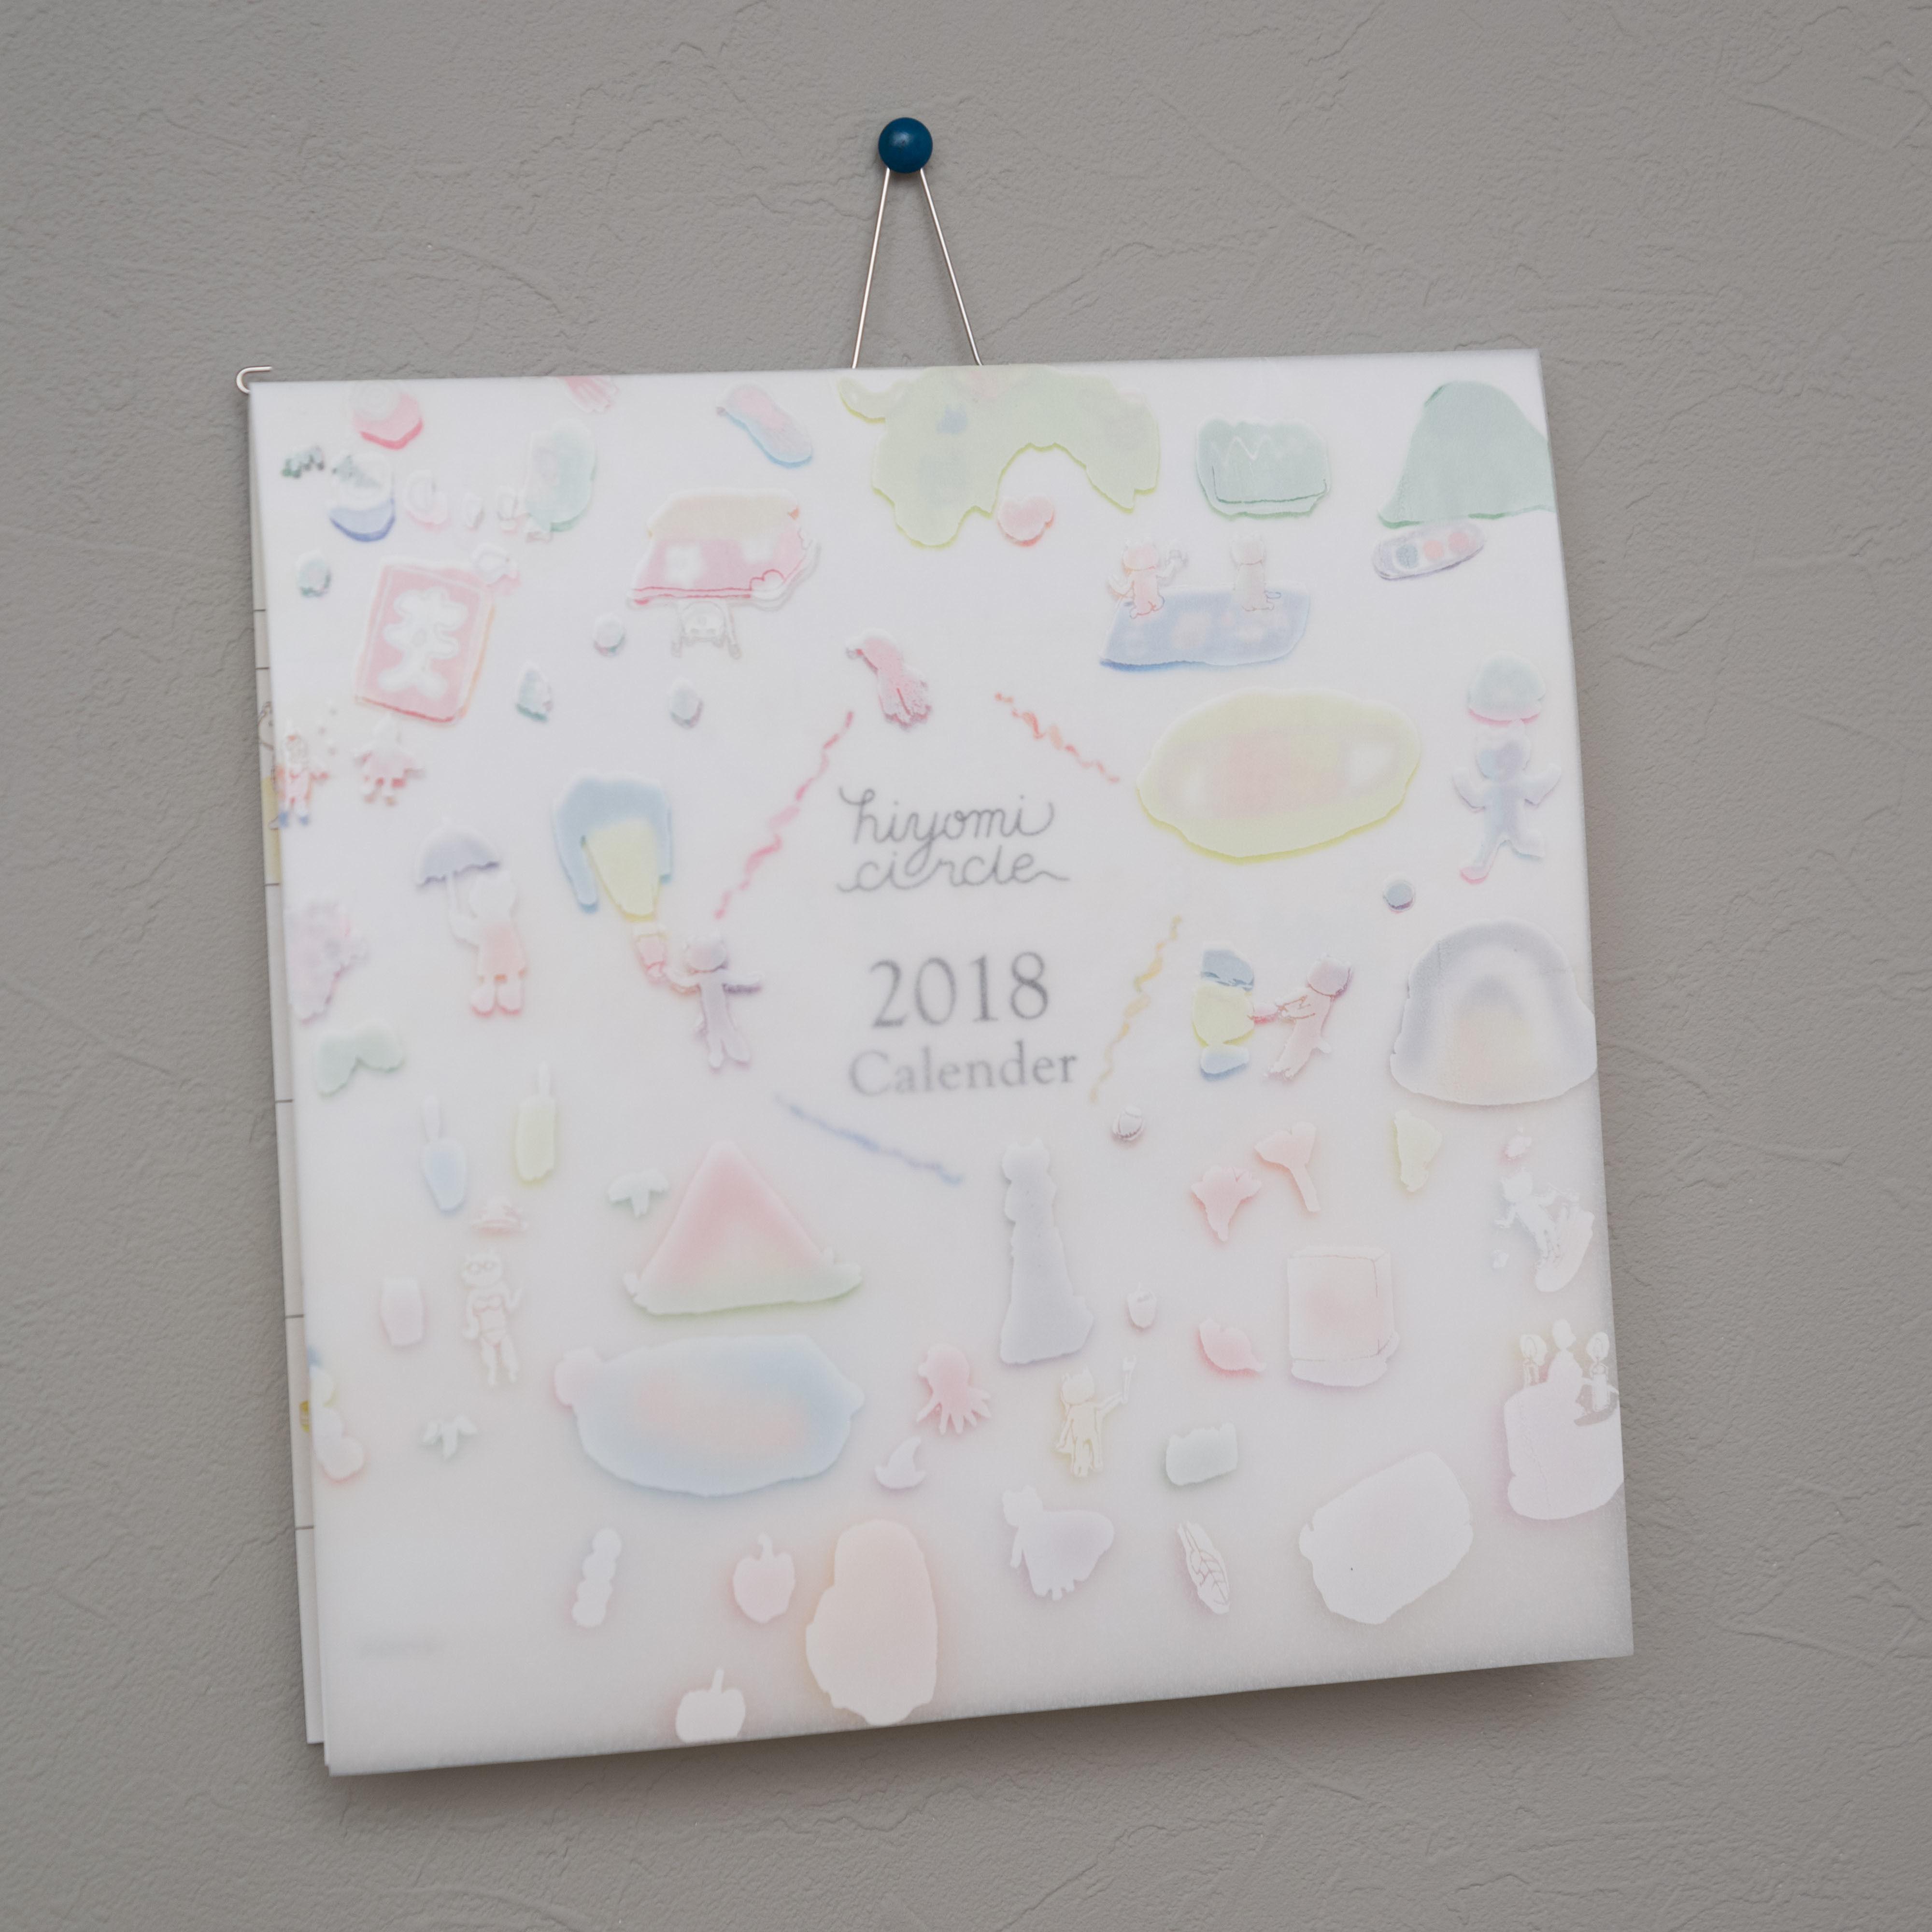 ■2018年カレンダーSpecial Edition■